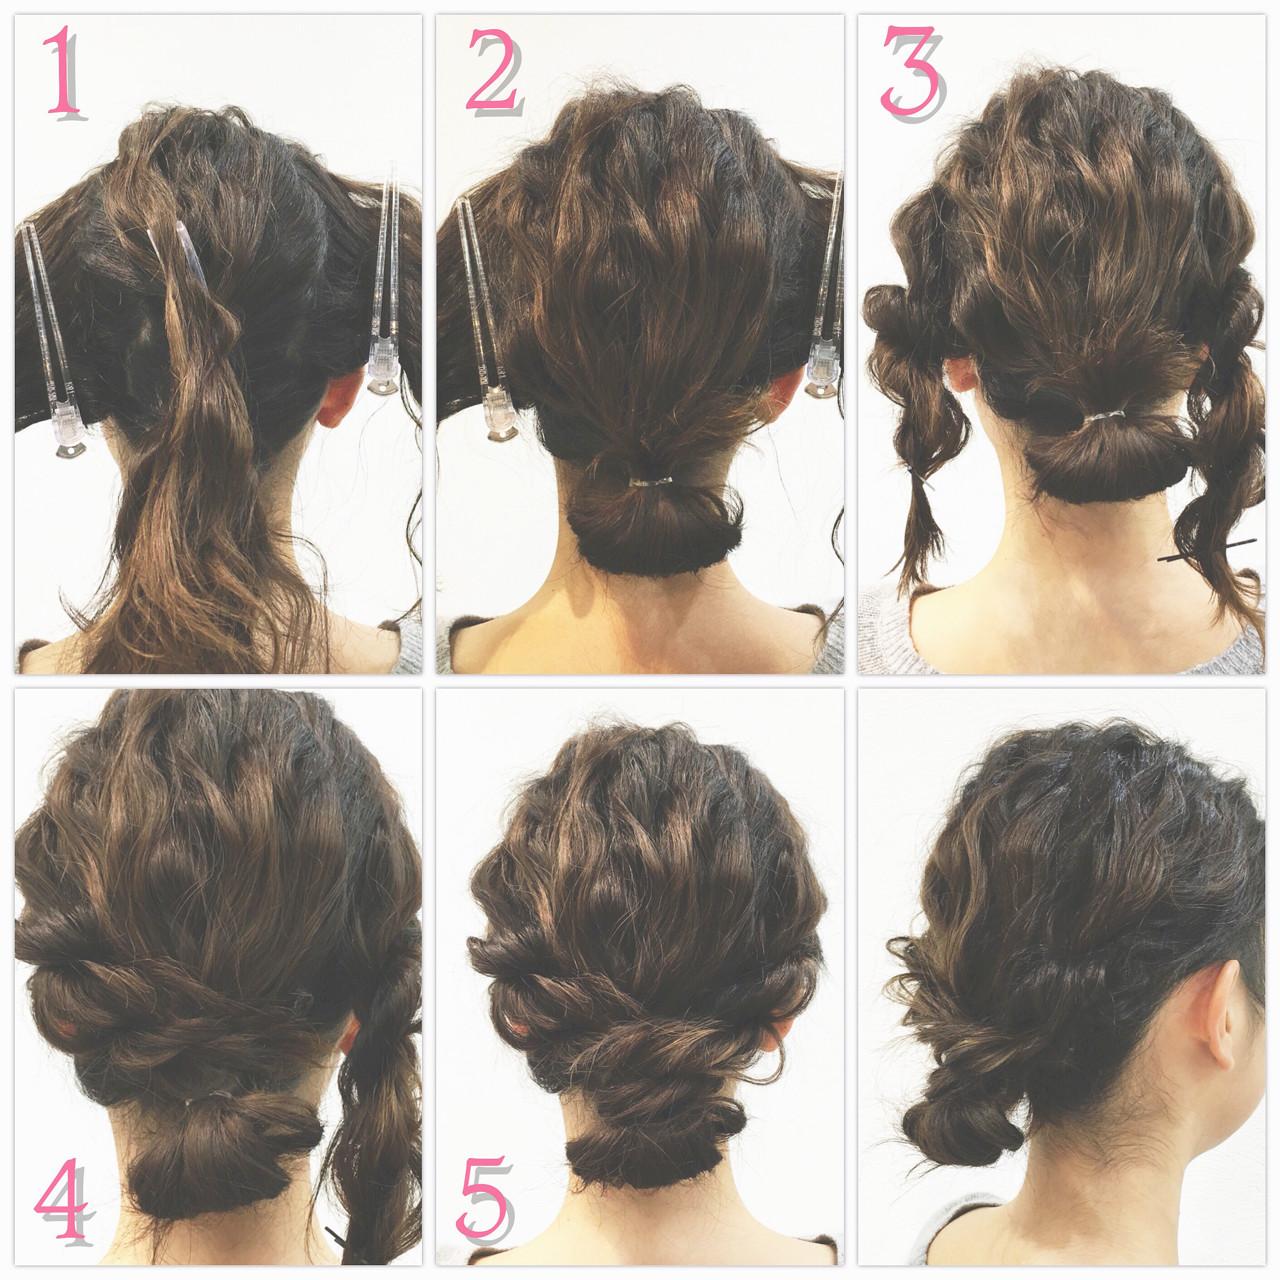 ロープ編み ショート シニヨン 簡単ヘアアレンジ ヘアスタイルや髪型の写真・画像